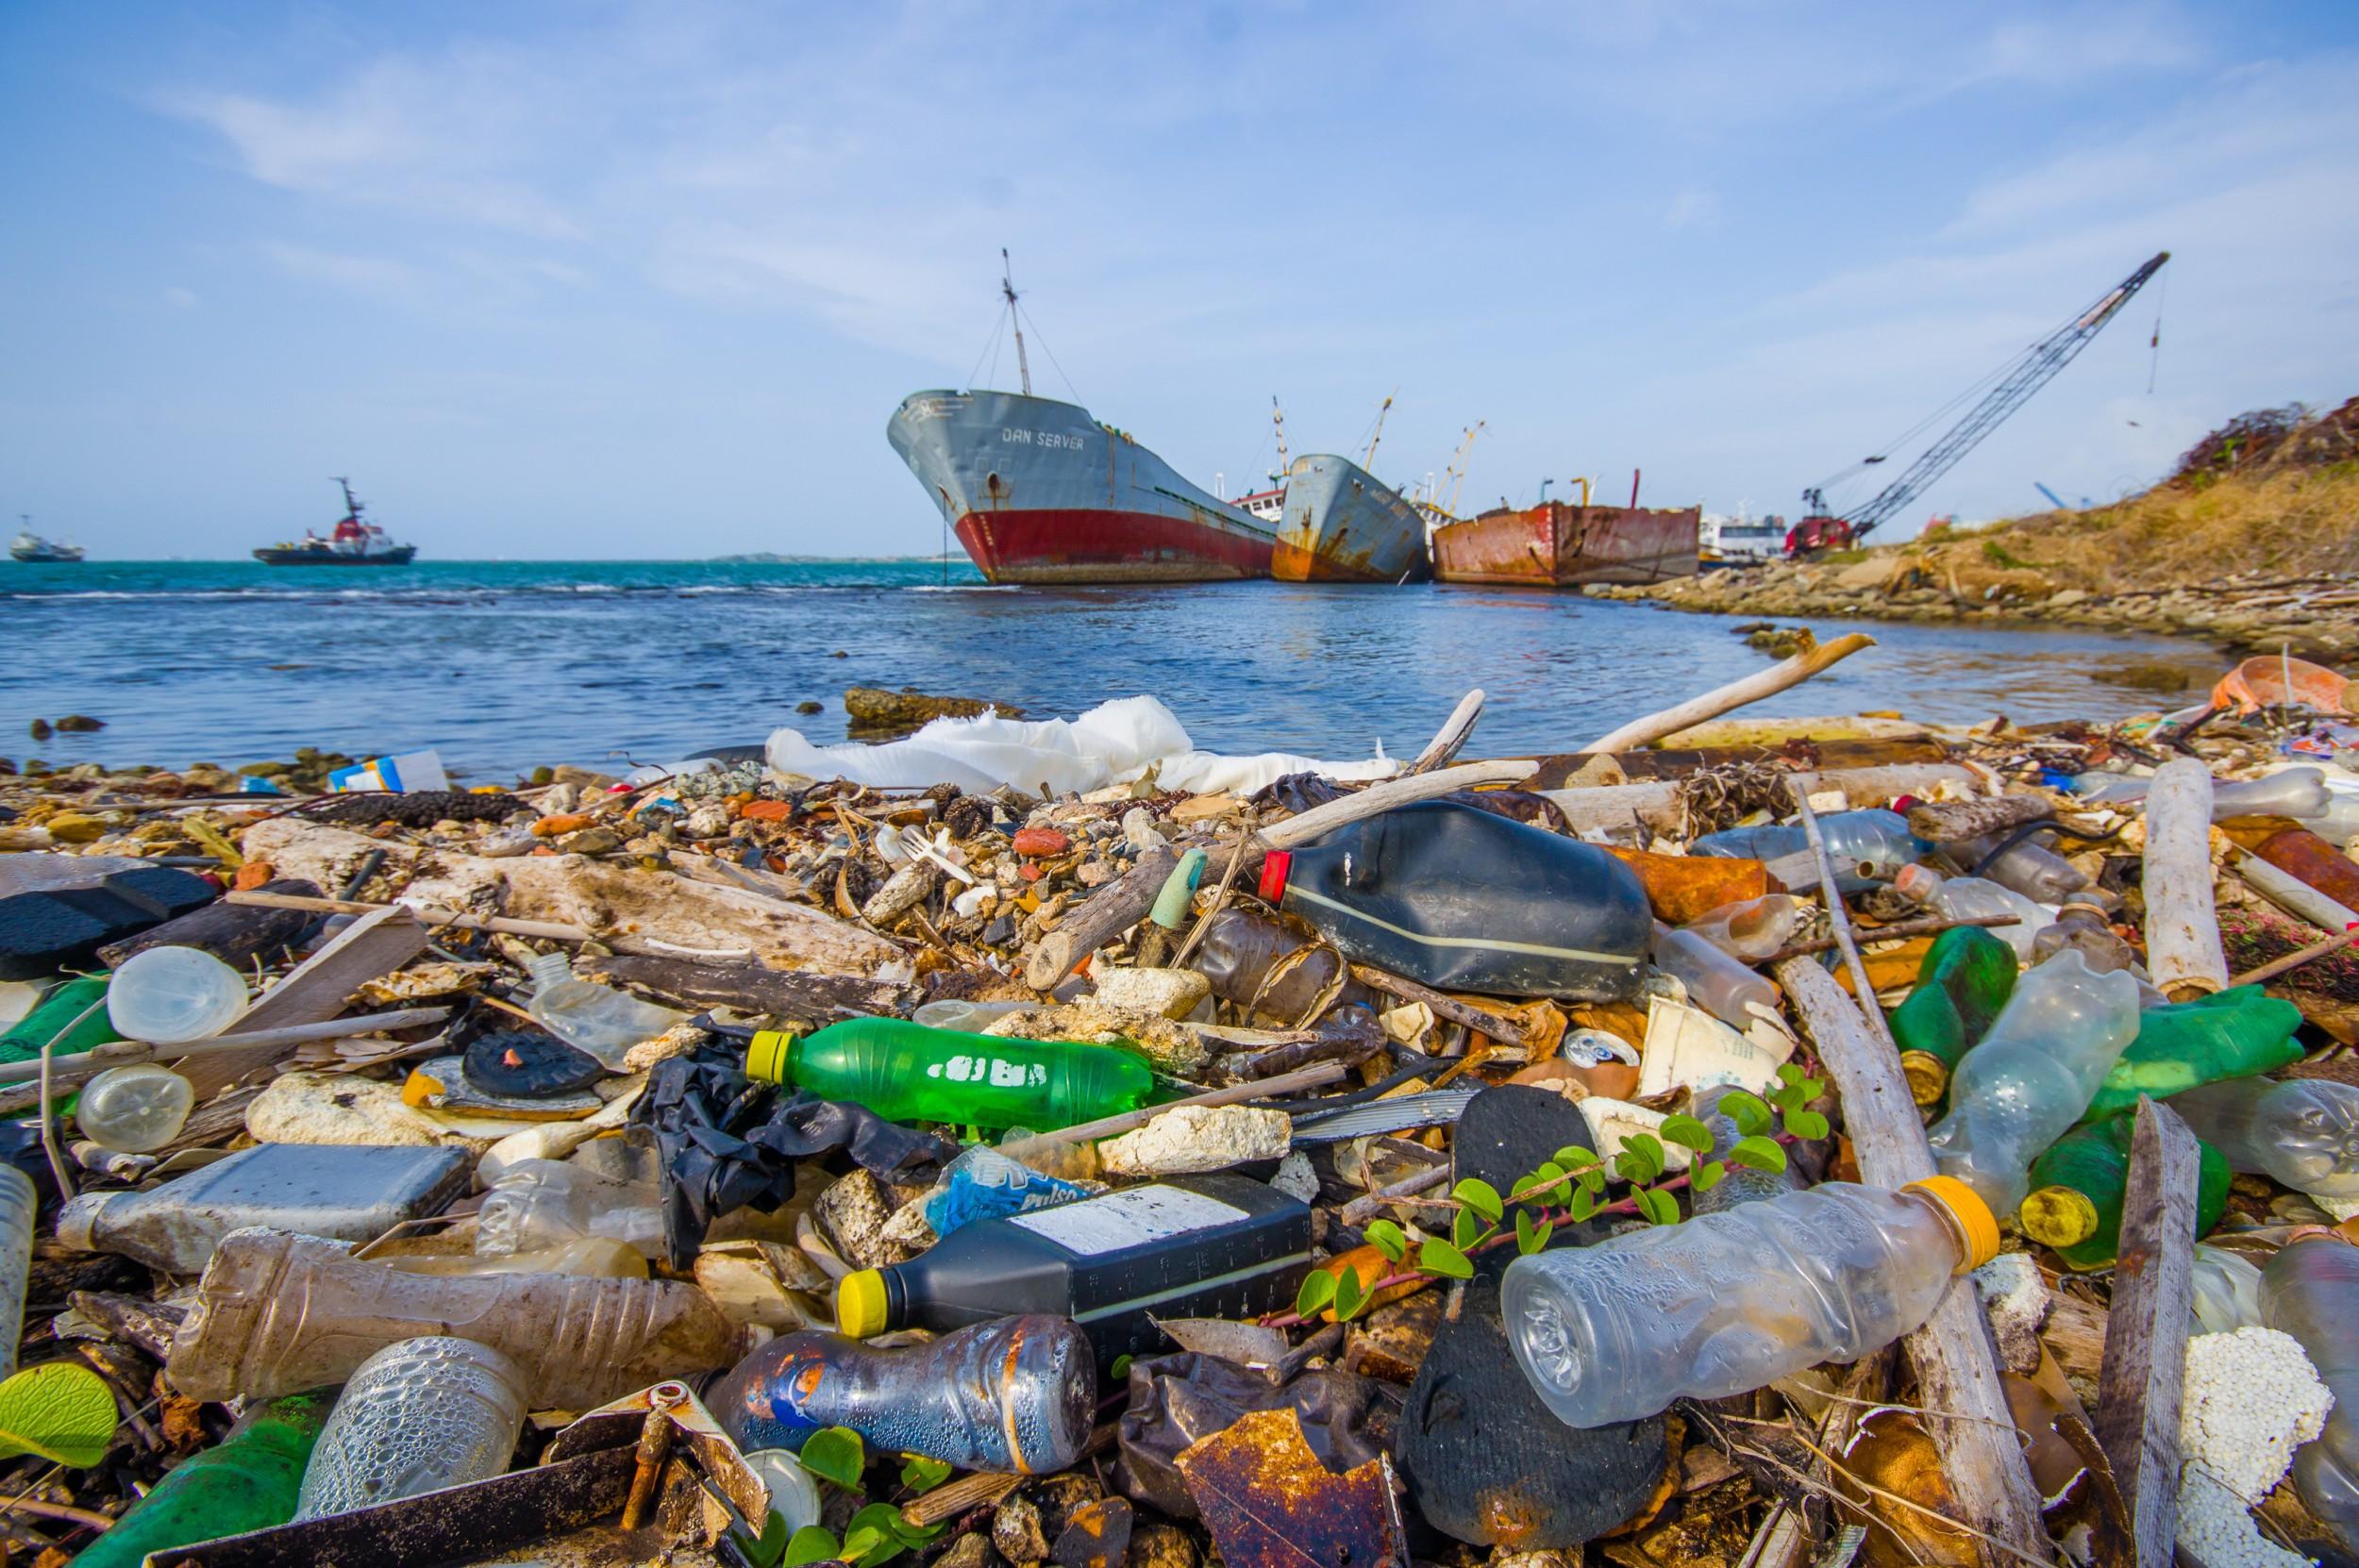 Caixa de lixo flutuante que limpa os oceanos?